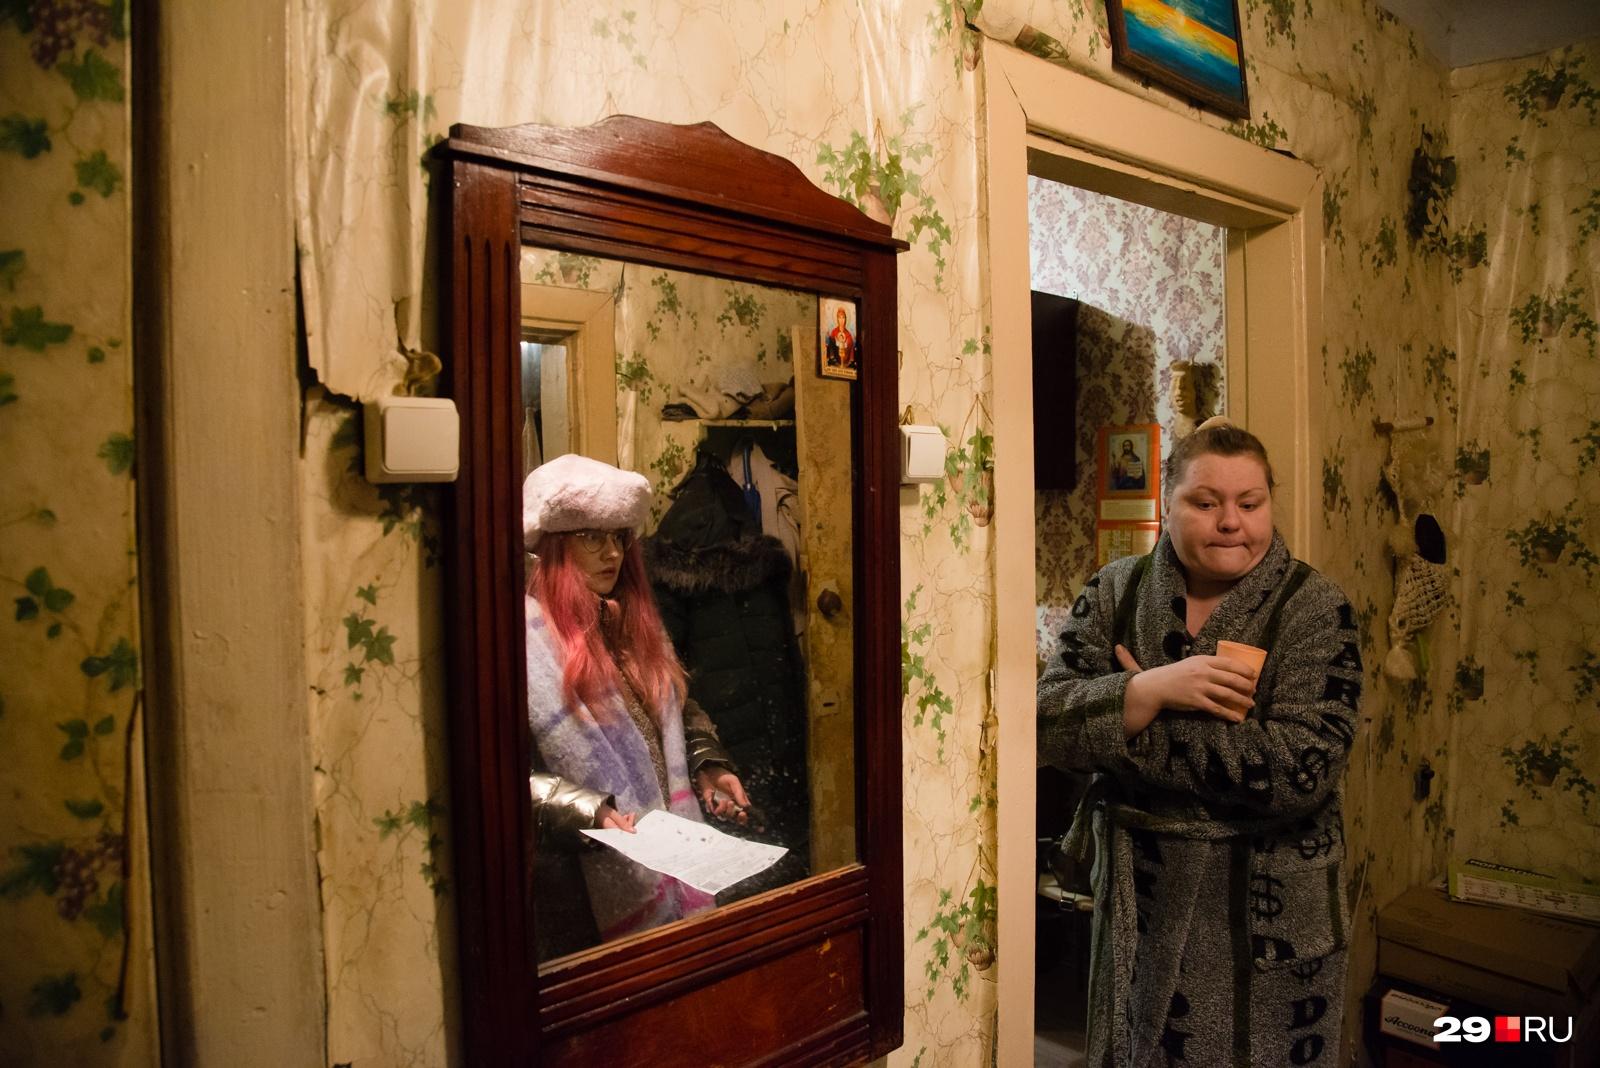 Анна говорит, что дом старый, как и все коммуникации, но раньше такого ледяного нашествия не было